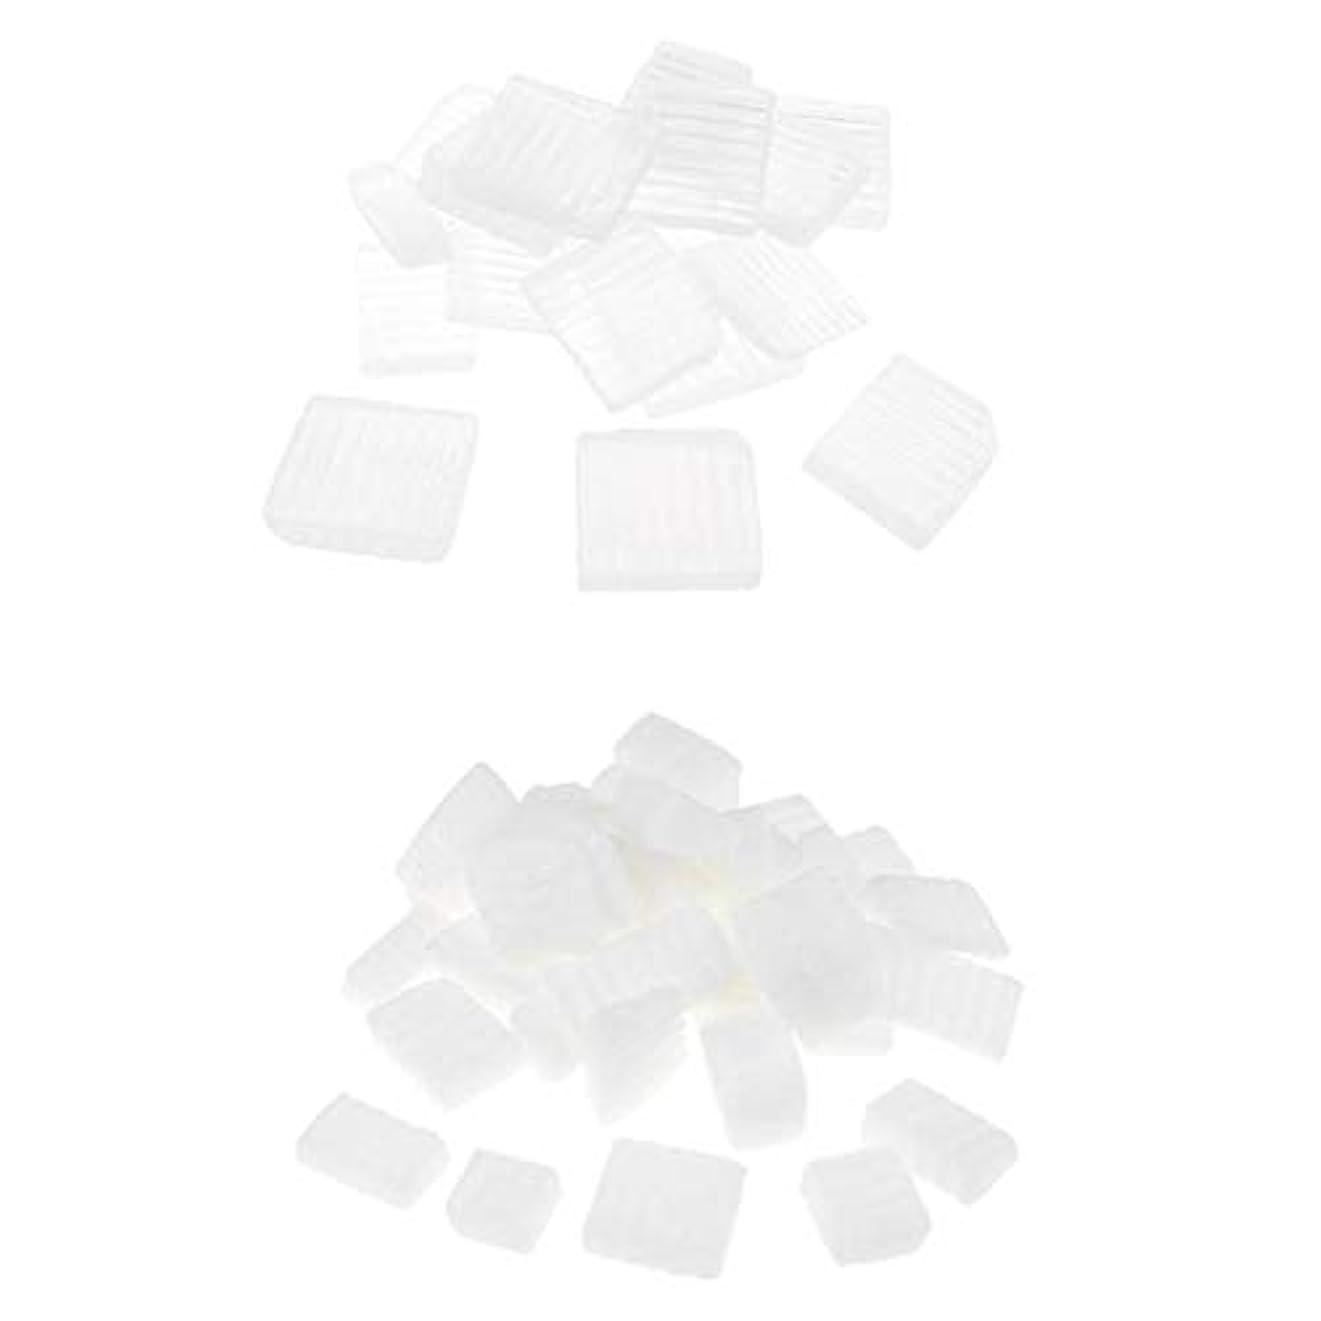 簡潔なストラップ繰り返したBaoblaze 固形せっけん 2KG 2種 ホワイト 透明 DIYハンドメイド ソープ原料 石鹸製造 古典的